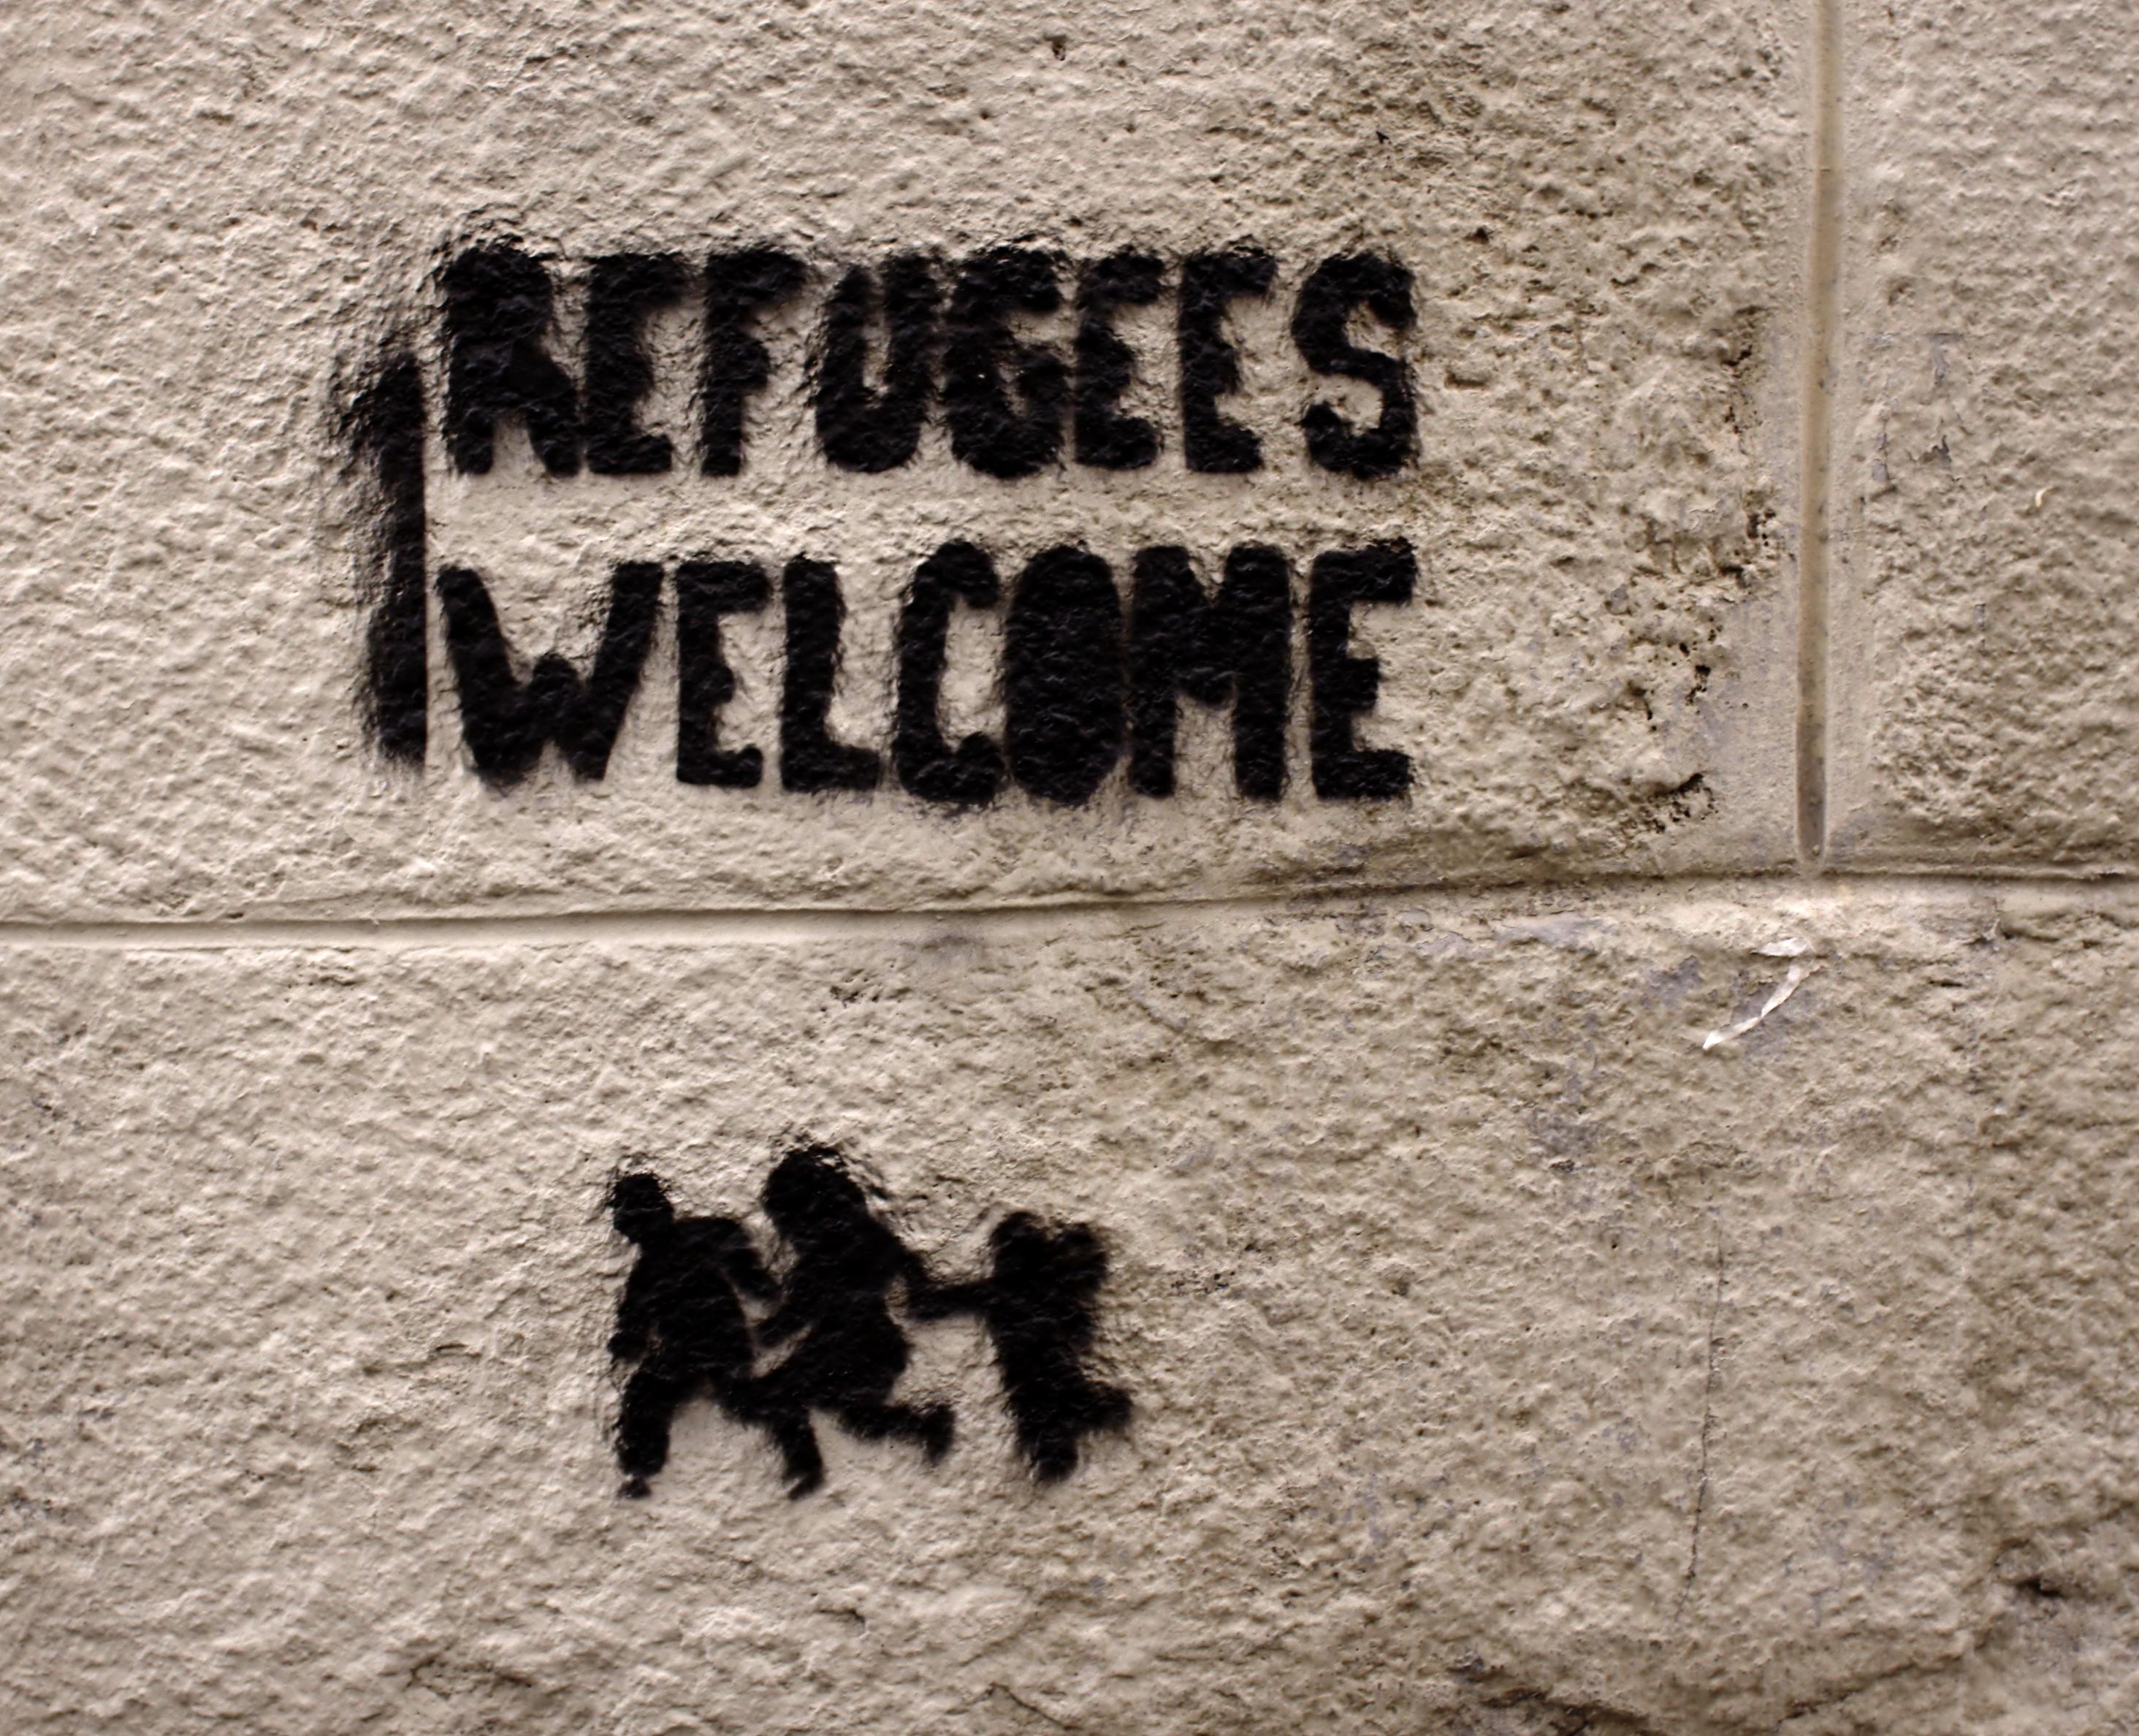 Accueillir un réfugié: « Humainement, c'est quelque chose à vivre»